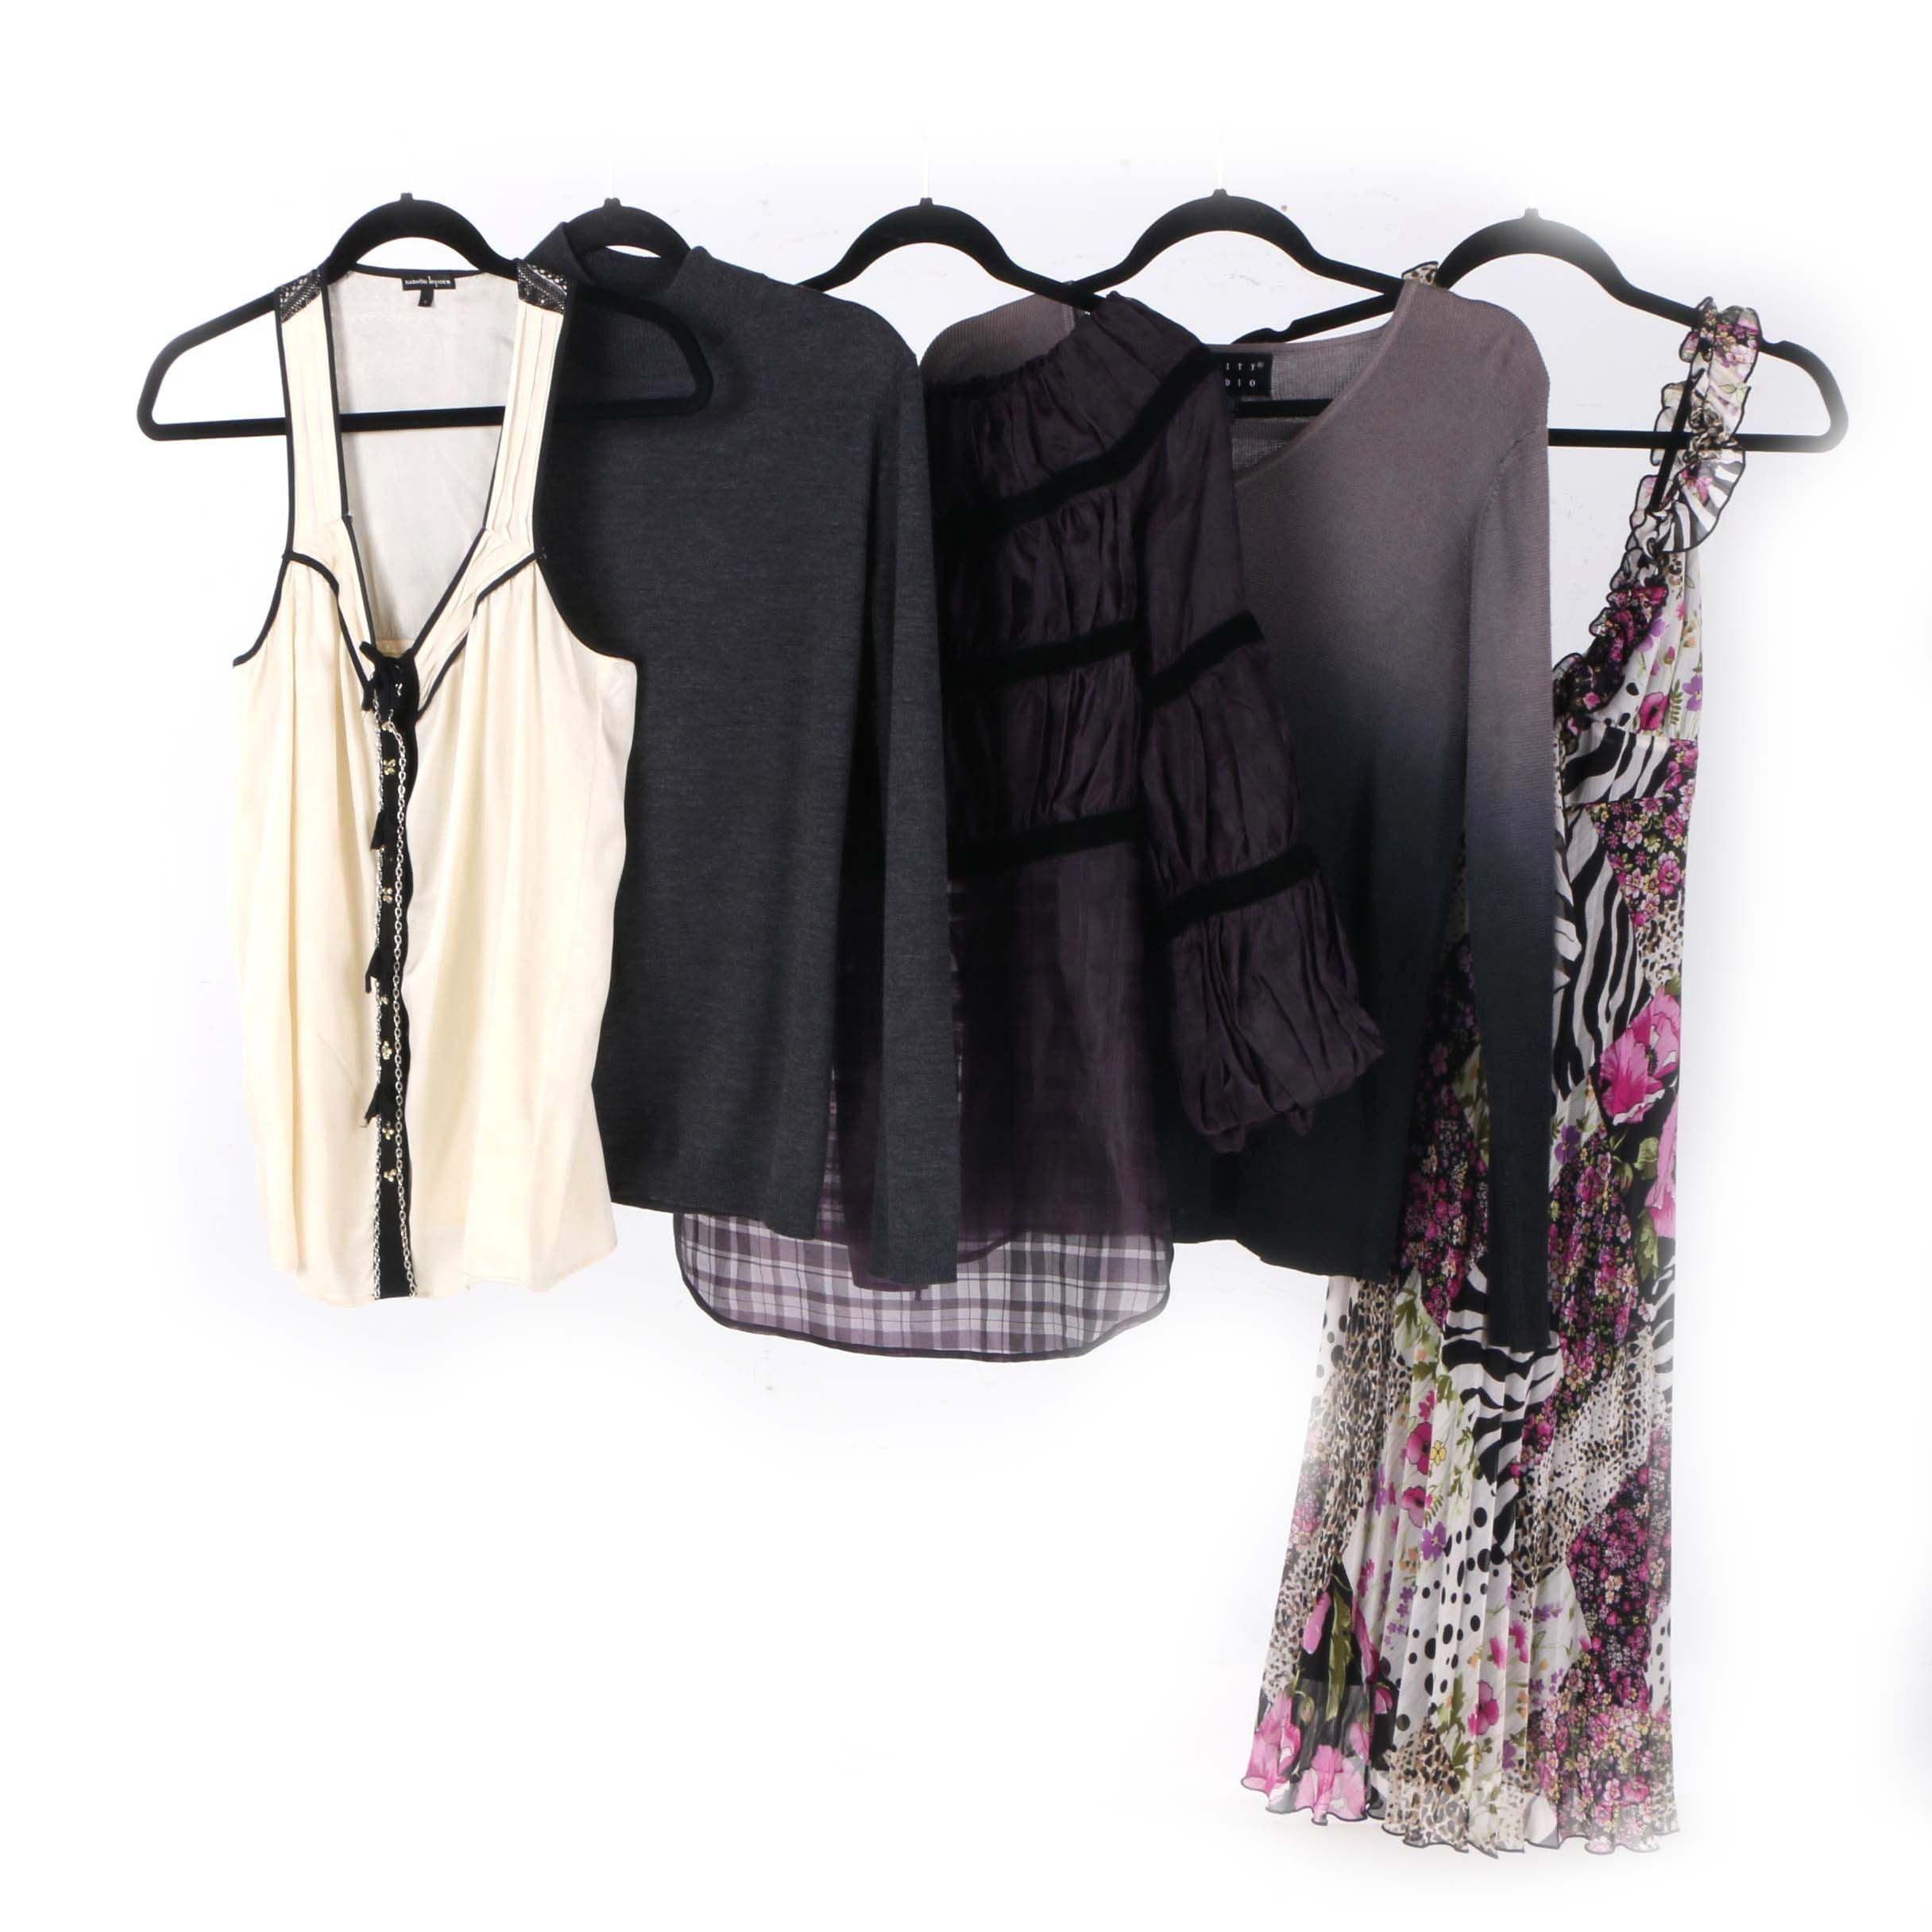 Women's Clothing Including Nanette Lepore